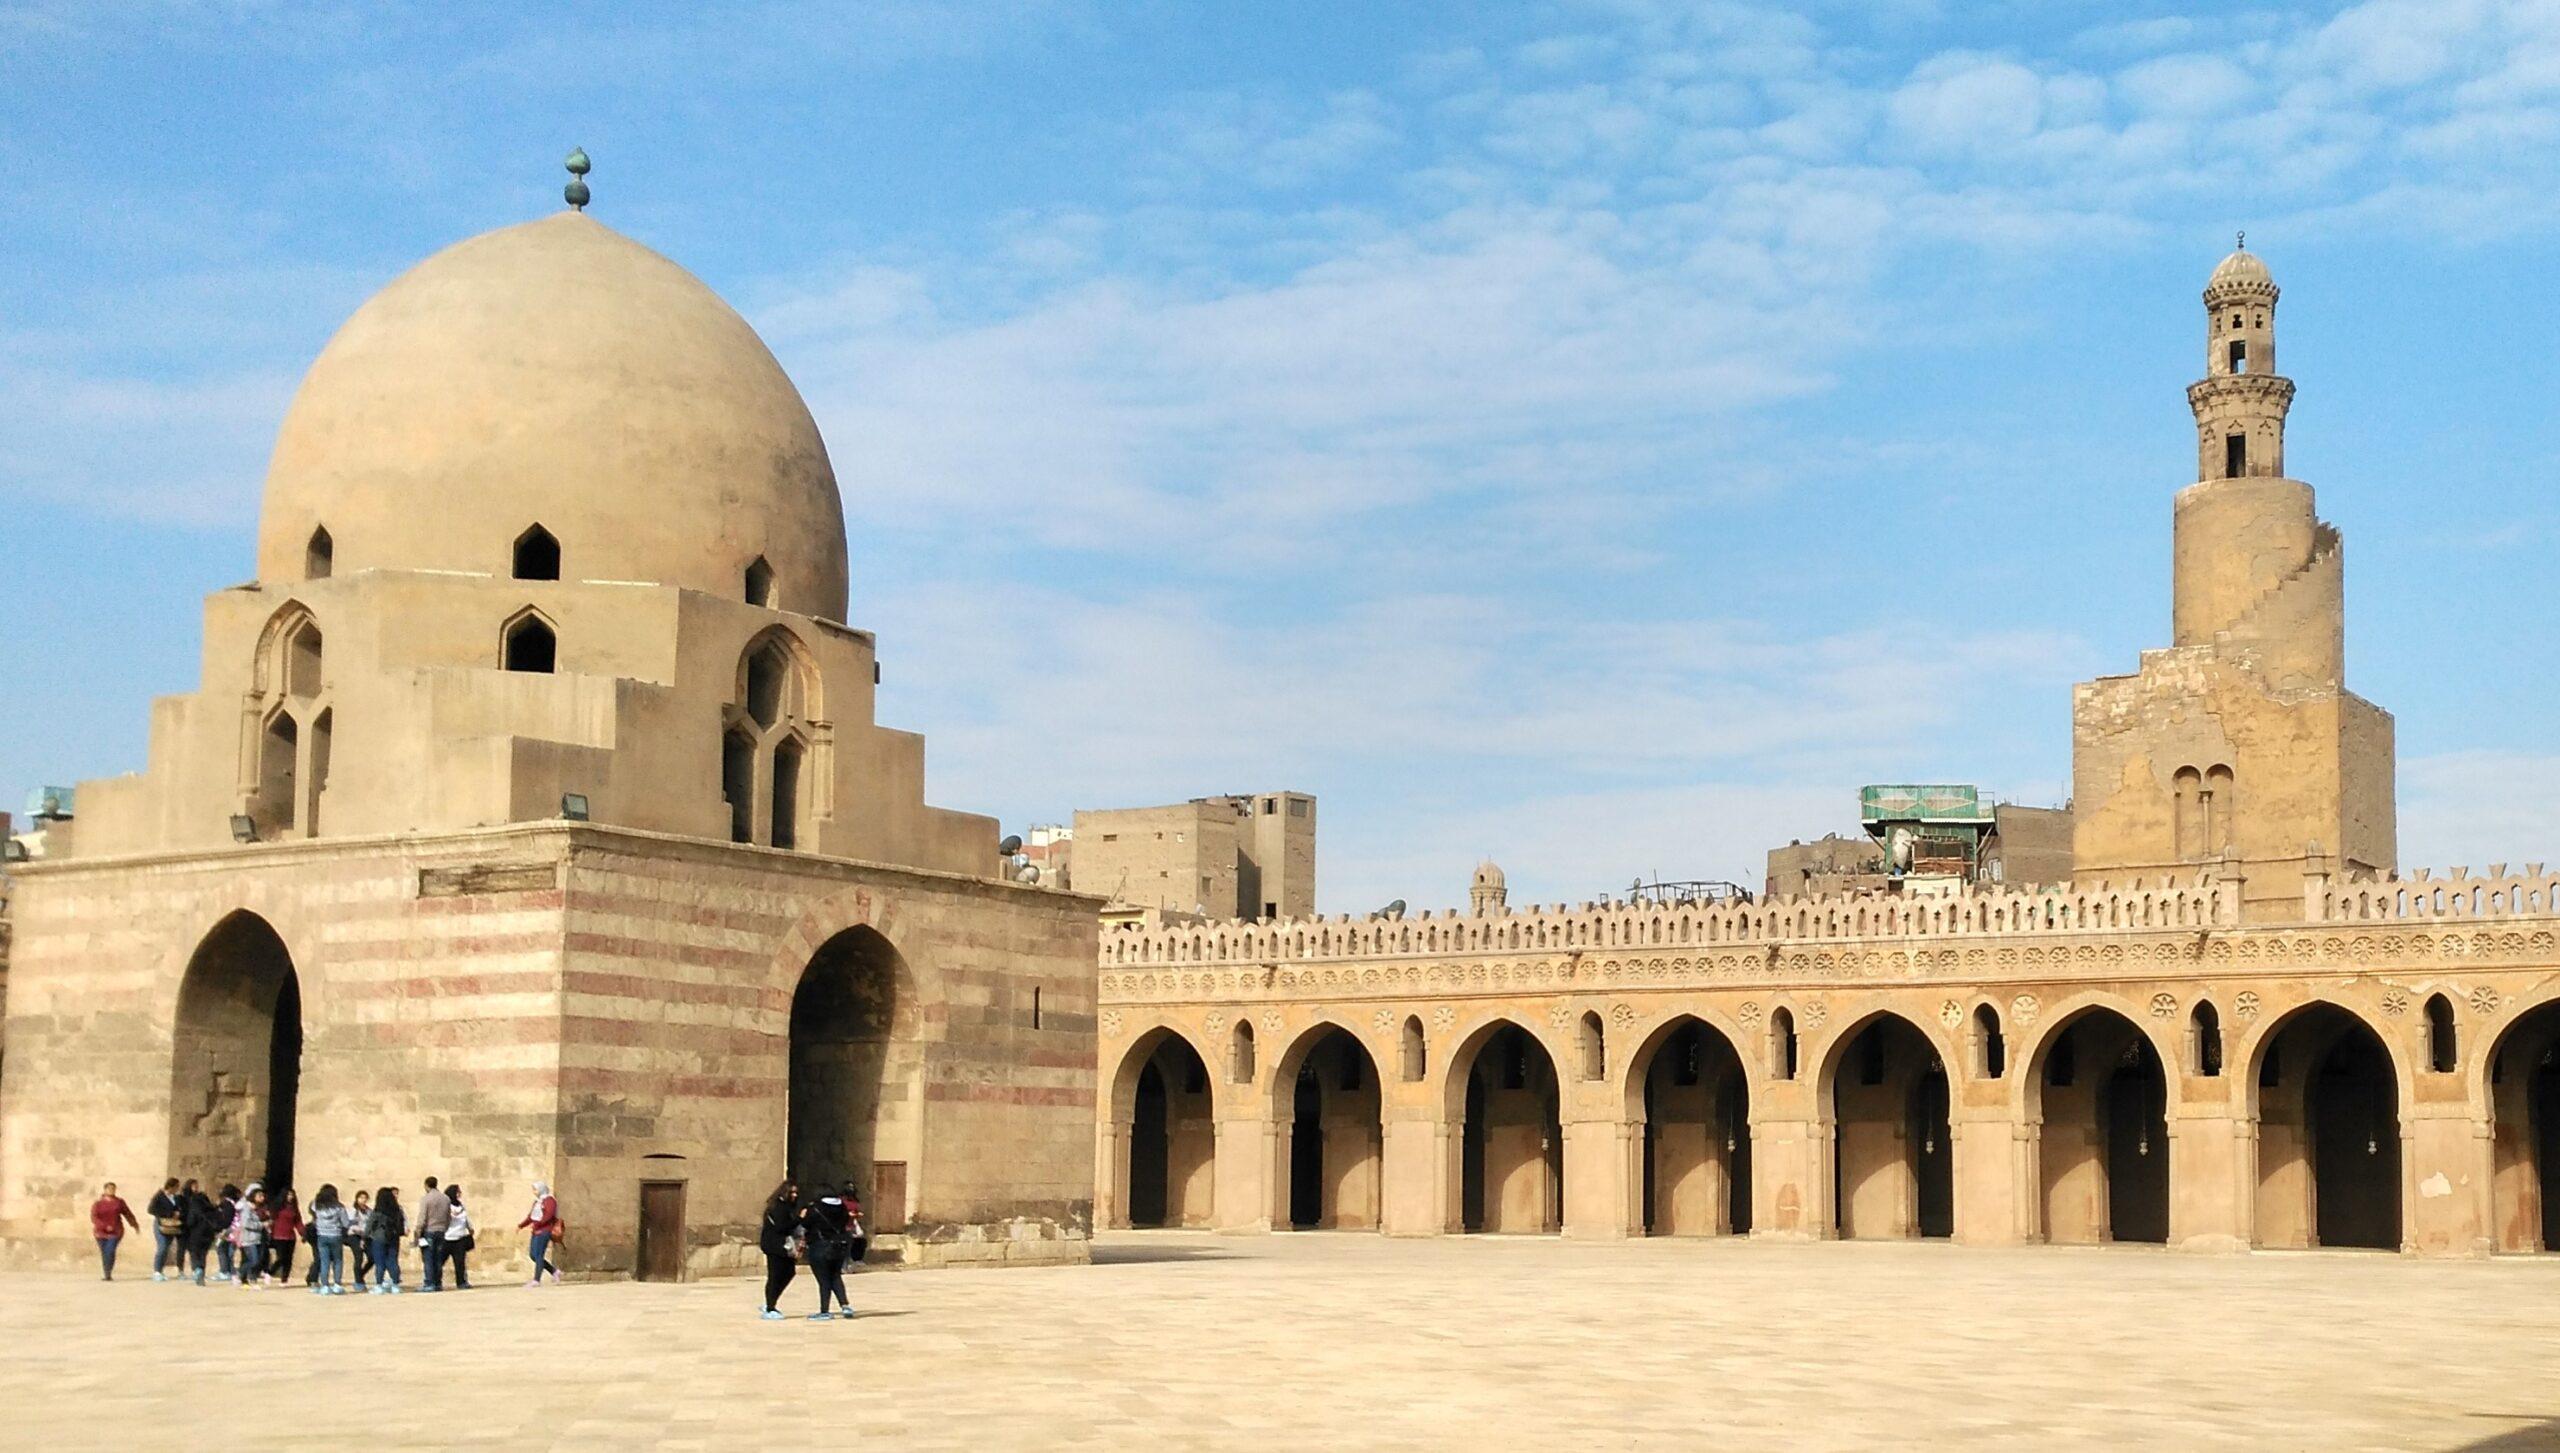 Ibn Tulun. El Cairo